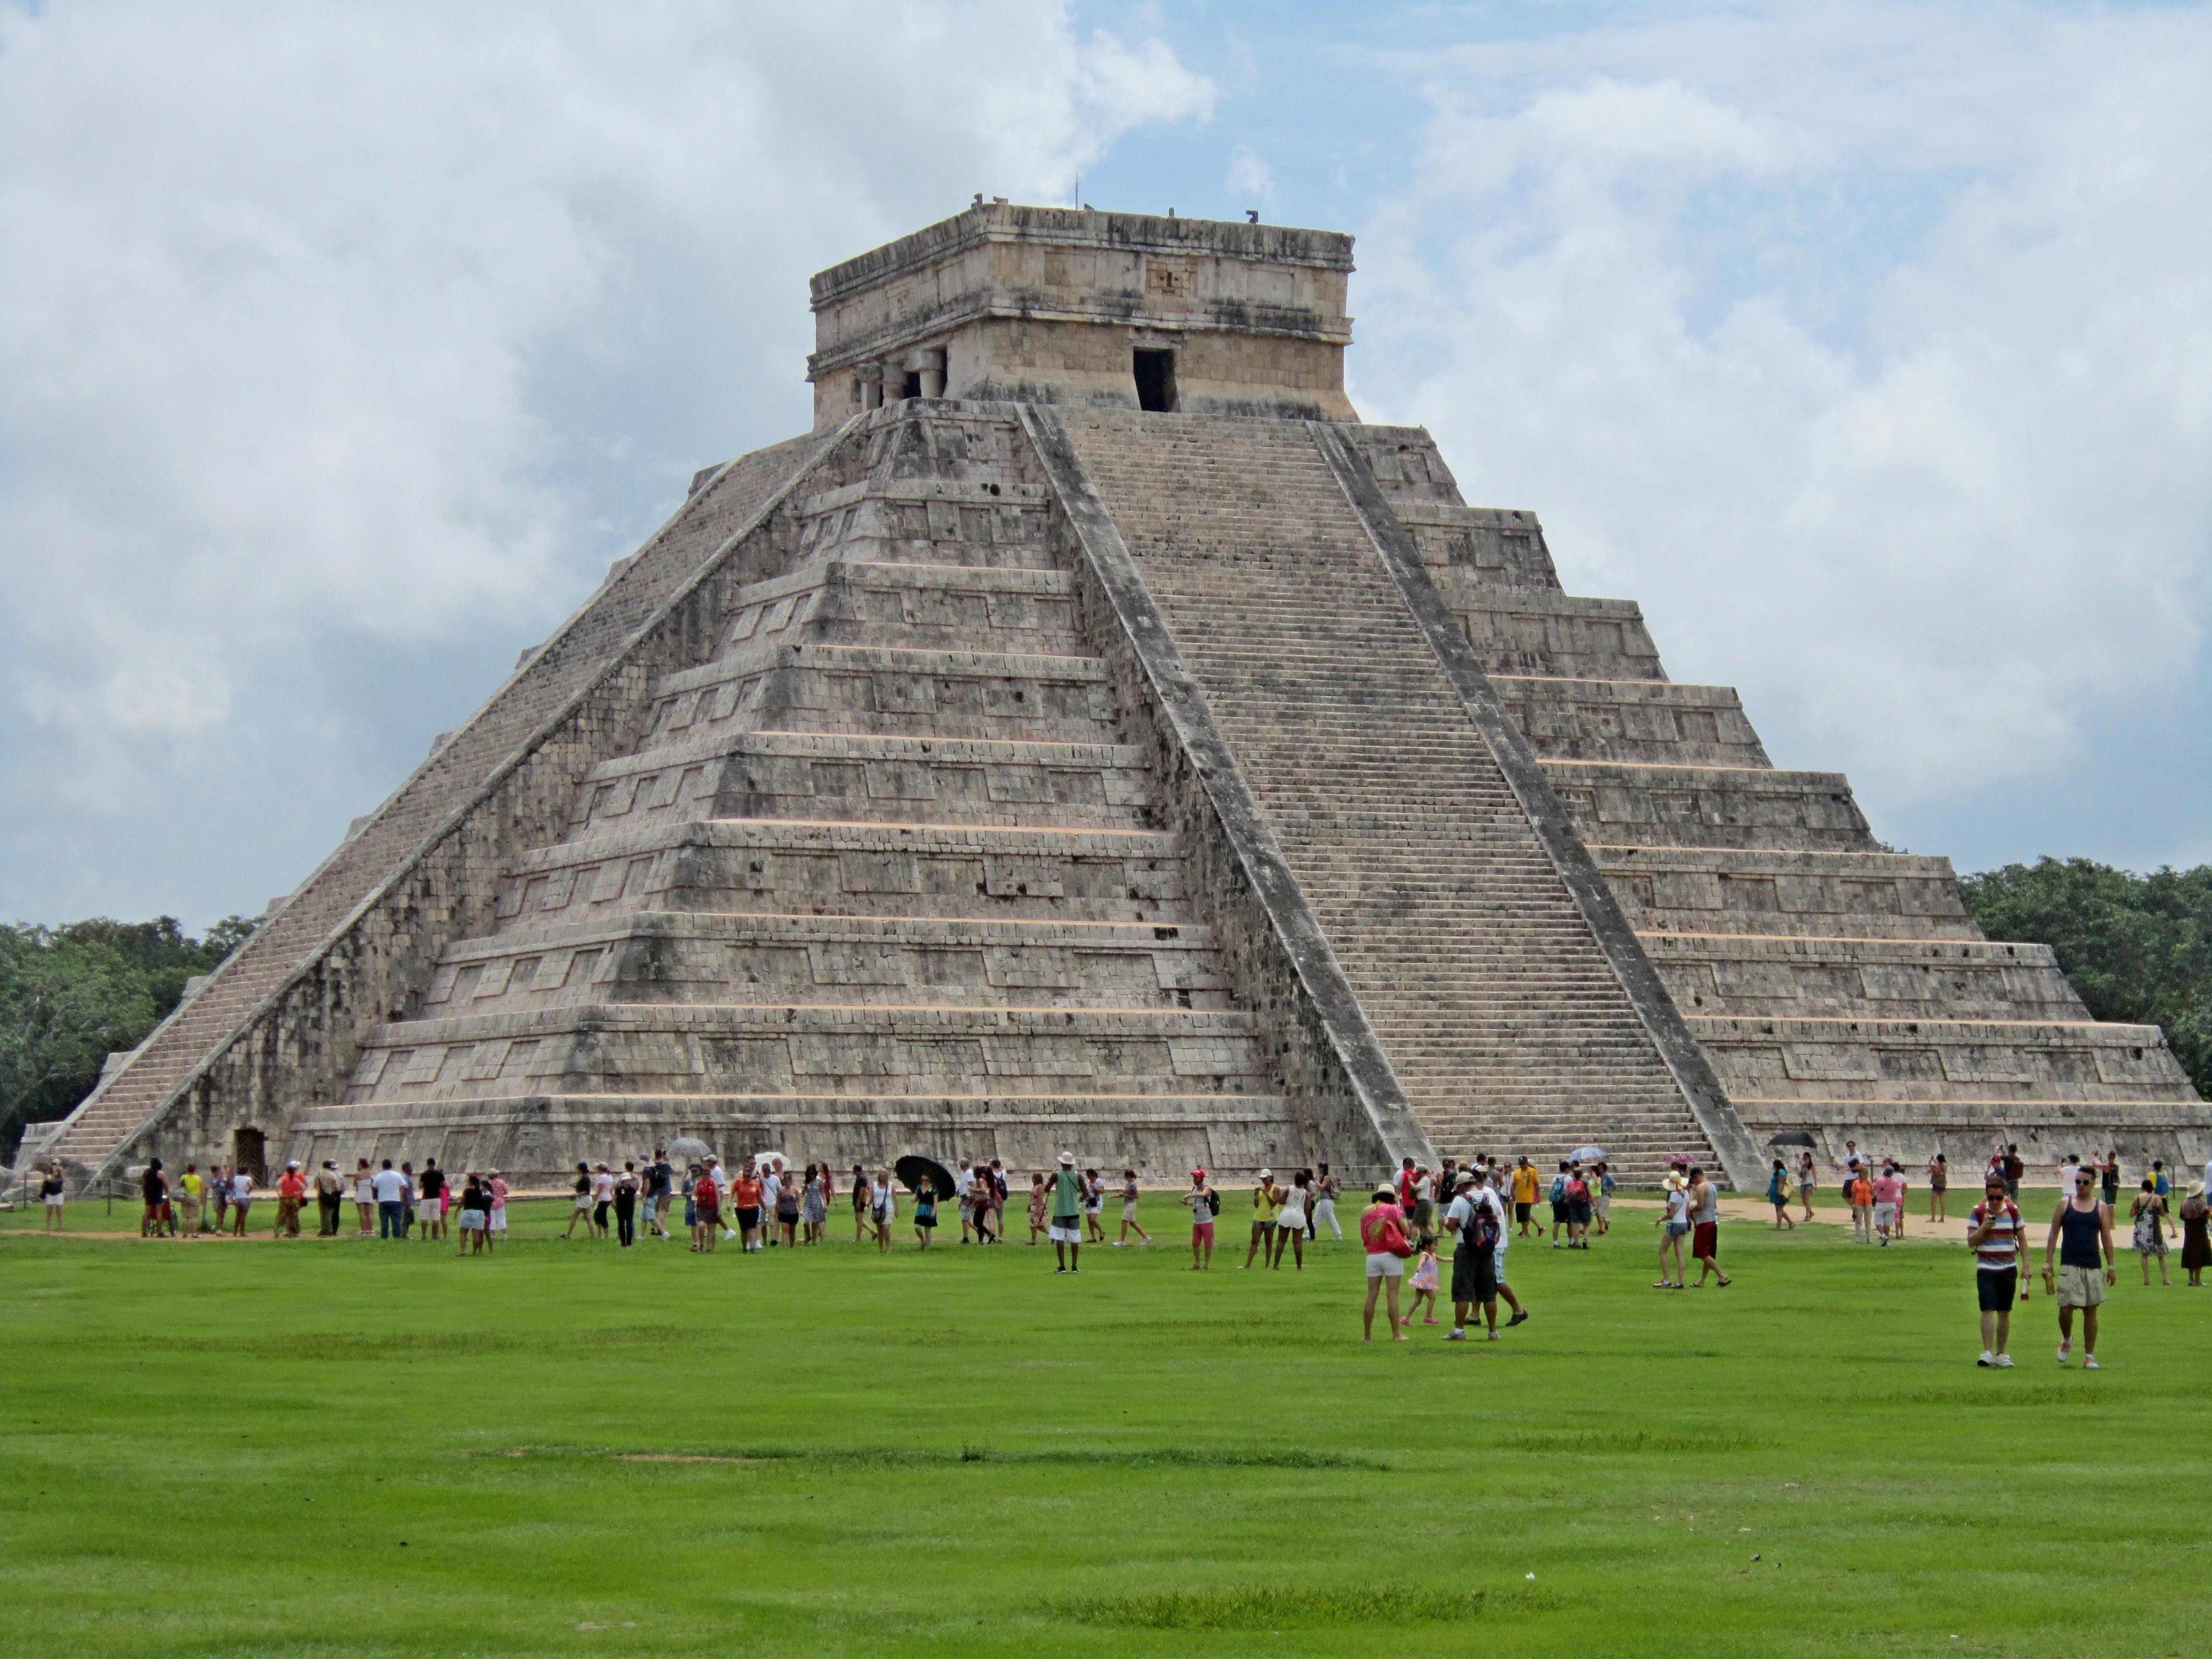 К вершине пирамиды ведут 4 лестницы, по 91 ступеньки